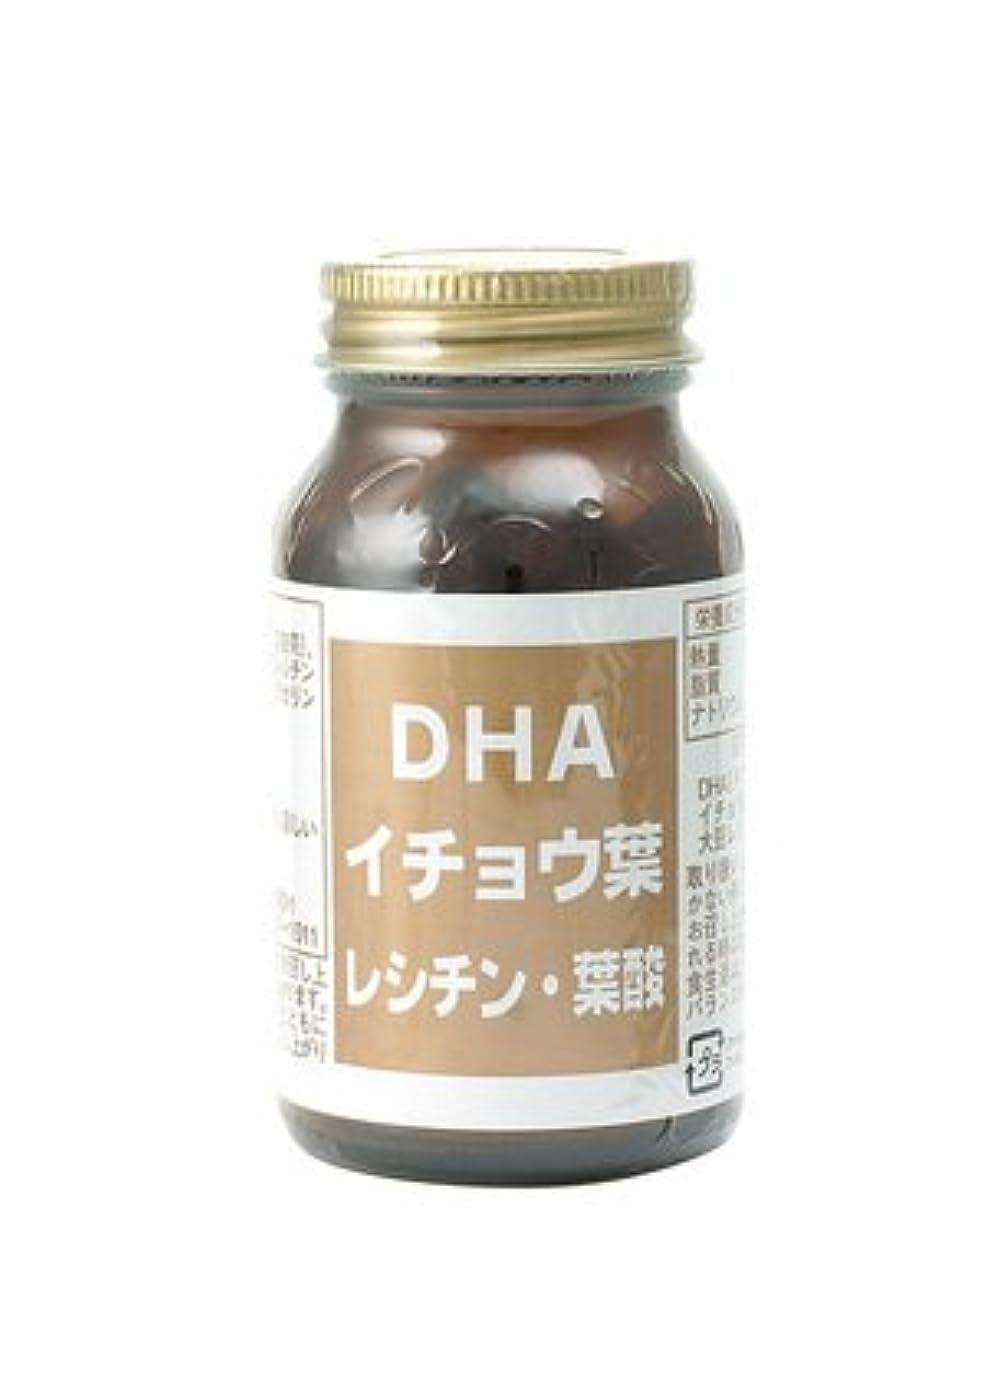 カエルラボ灰DHA イチョウ葉 大豆レシチン 葉酸 配合 DHA 56.4g